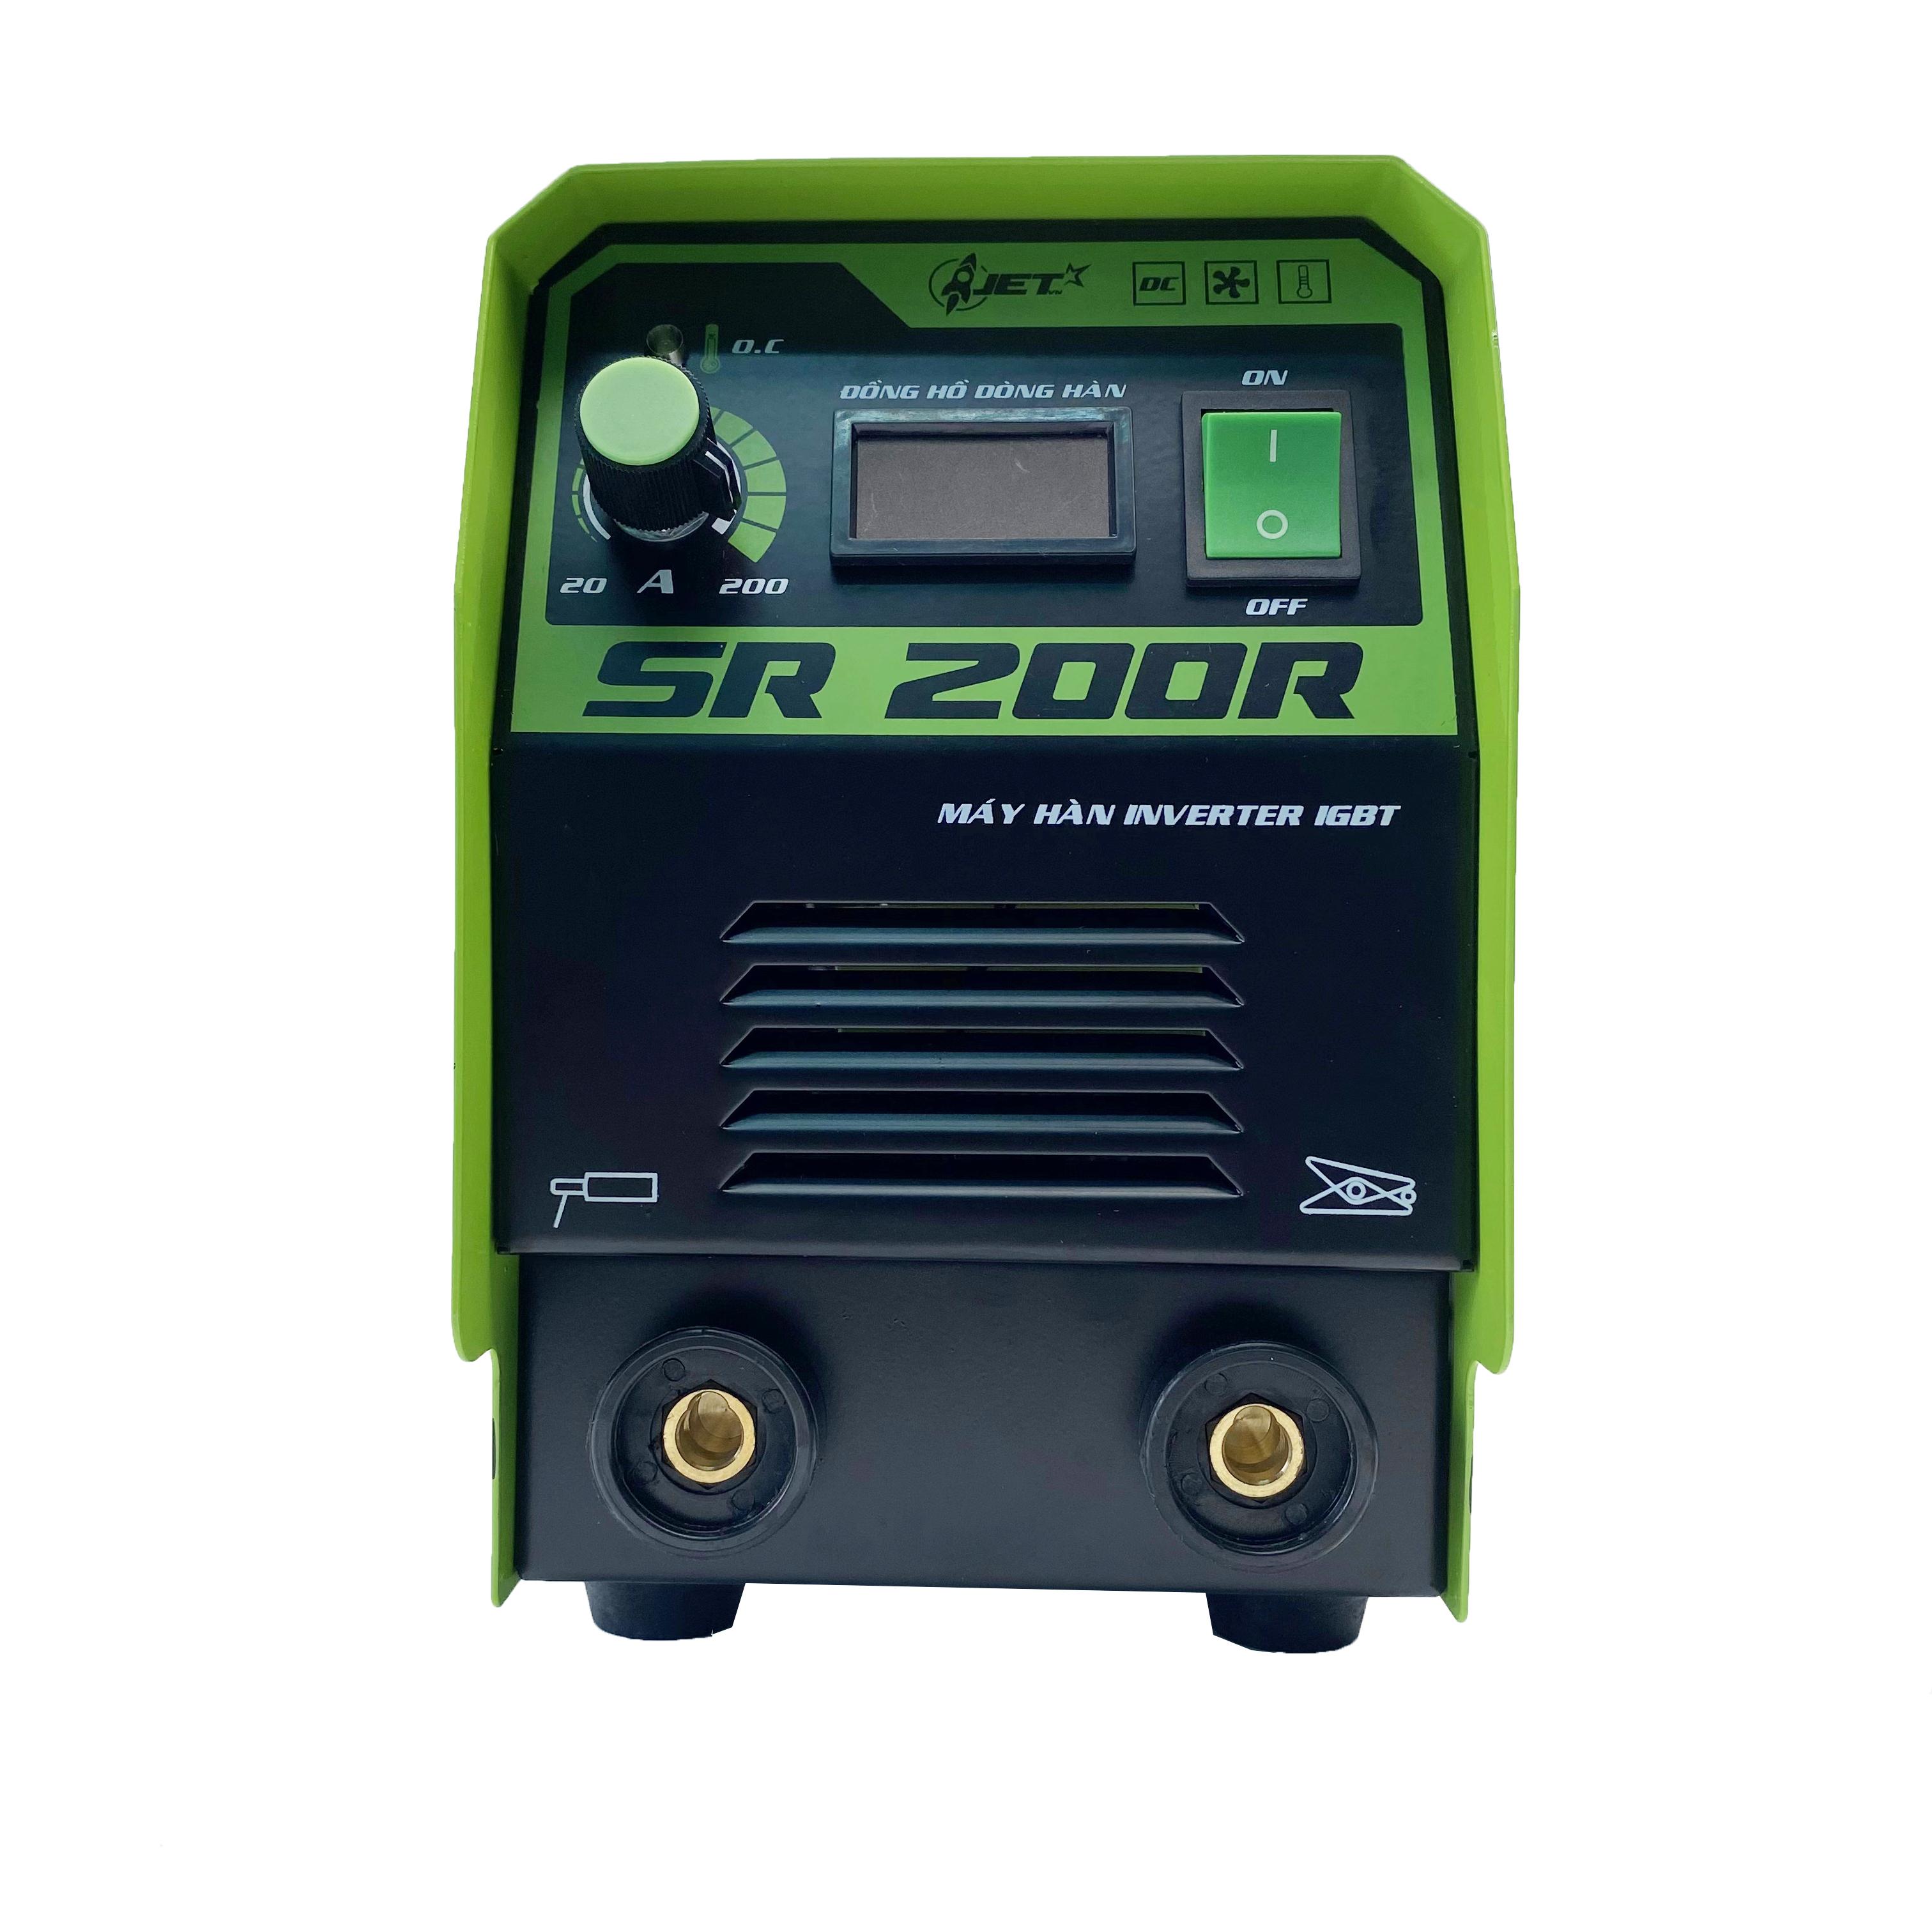 Máy hàn điện tử cao cấp Hồng Ký SR-200R - Hàn que 1.6-3.2 ly